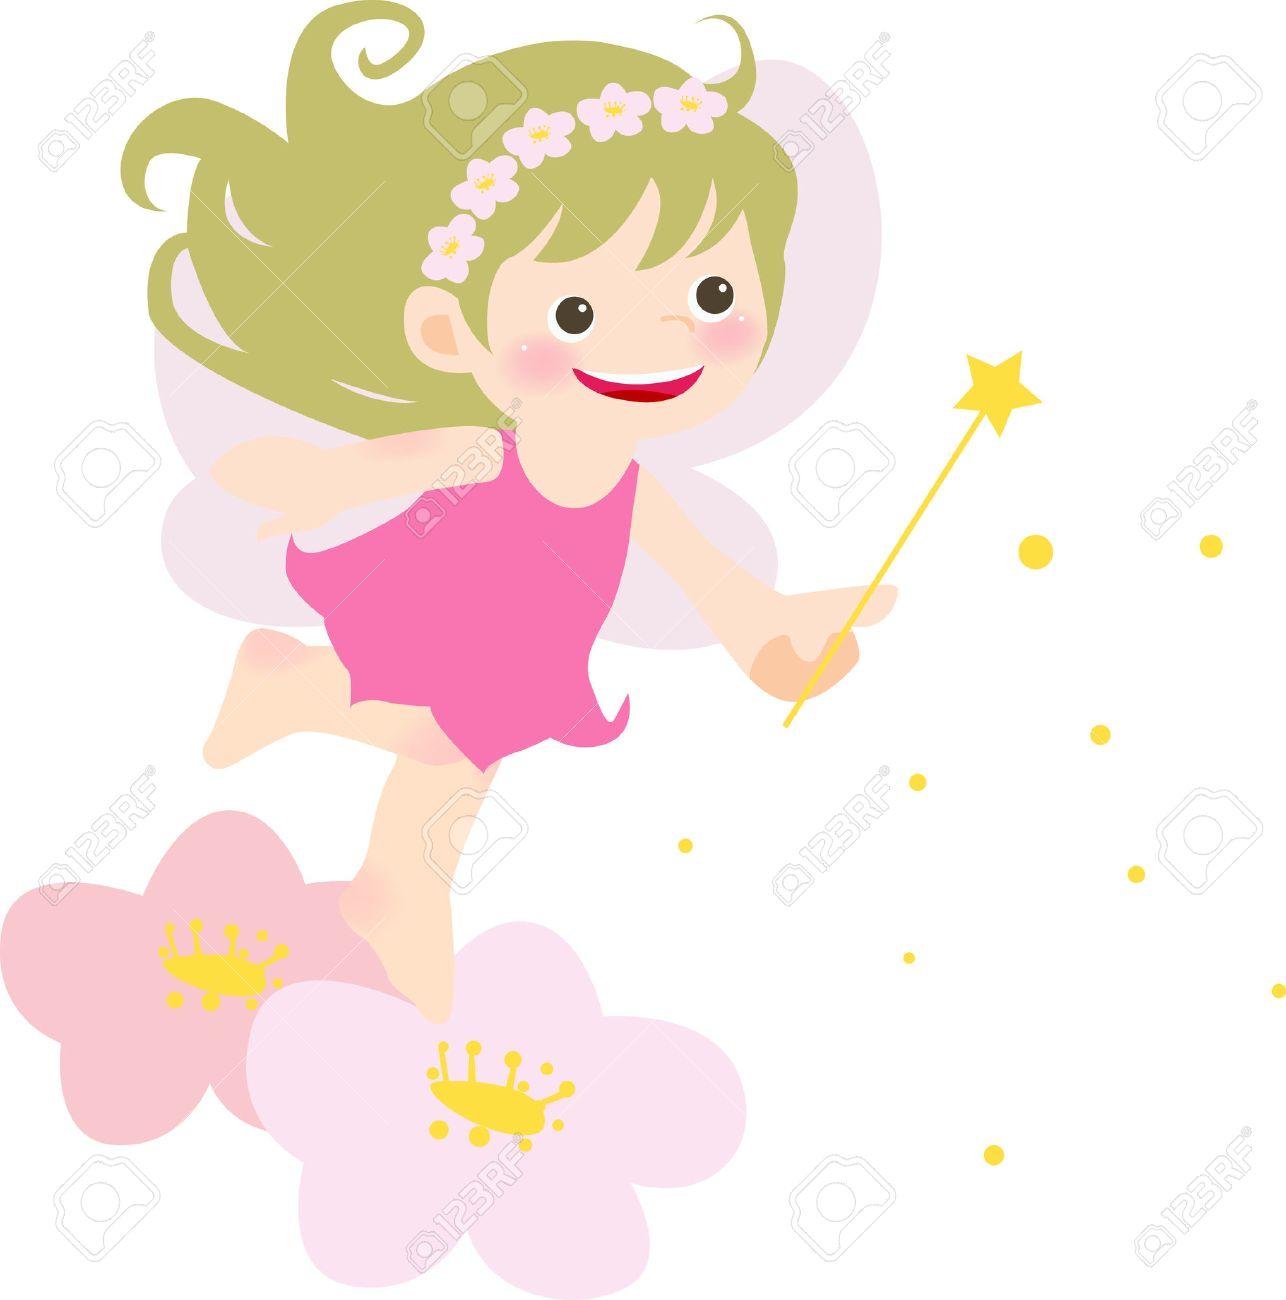 小さな妖精のかわいい女の子のイラスト ロイヤリティフリークリップ